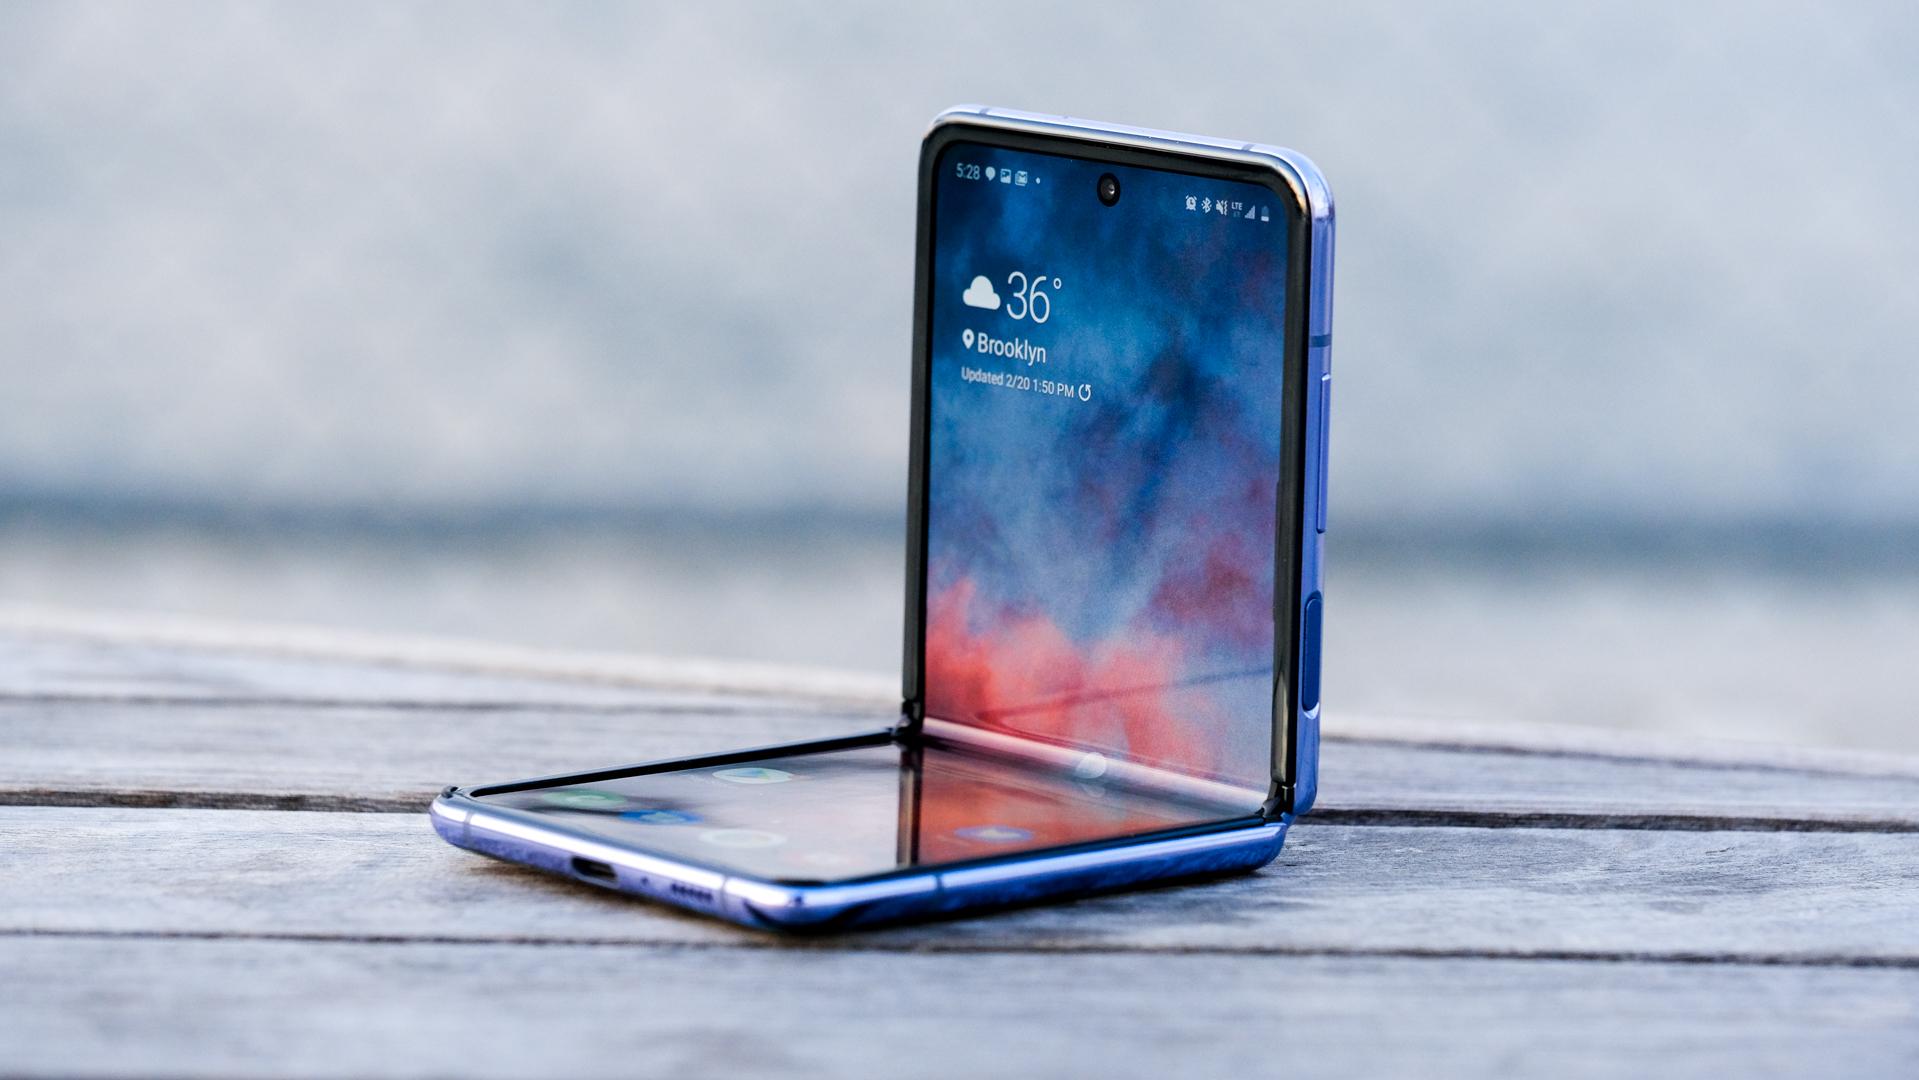 Samsung Galaxy Z Flip mở ra khi ngồi lên